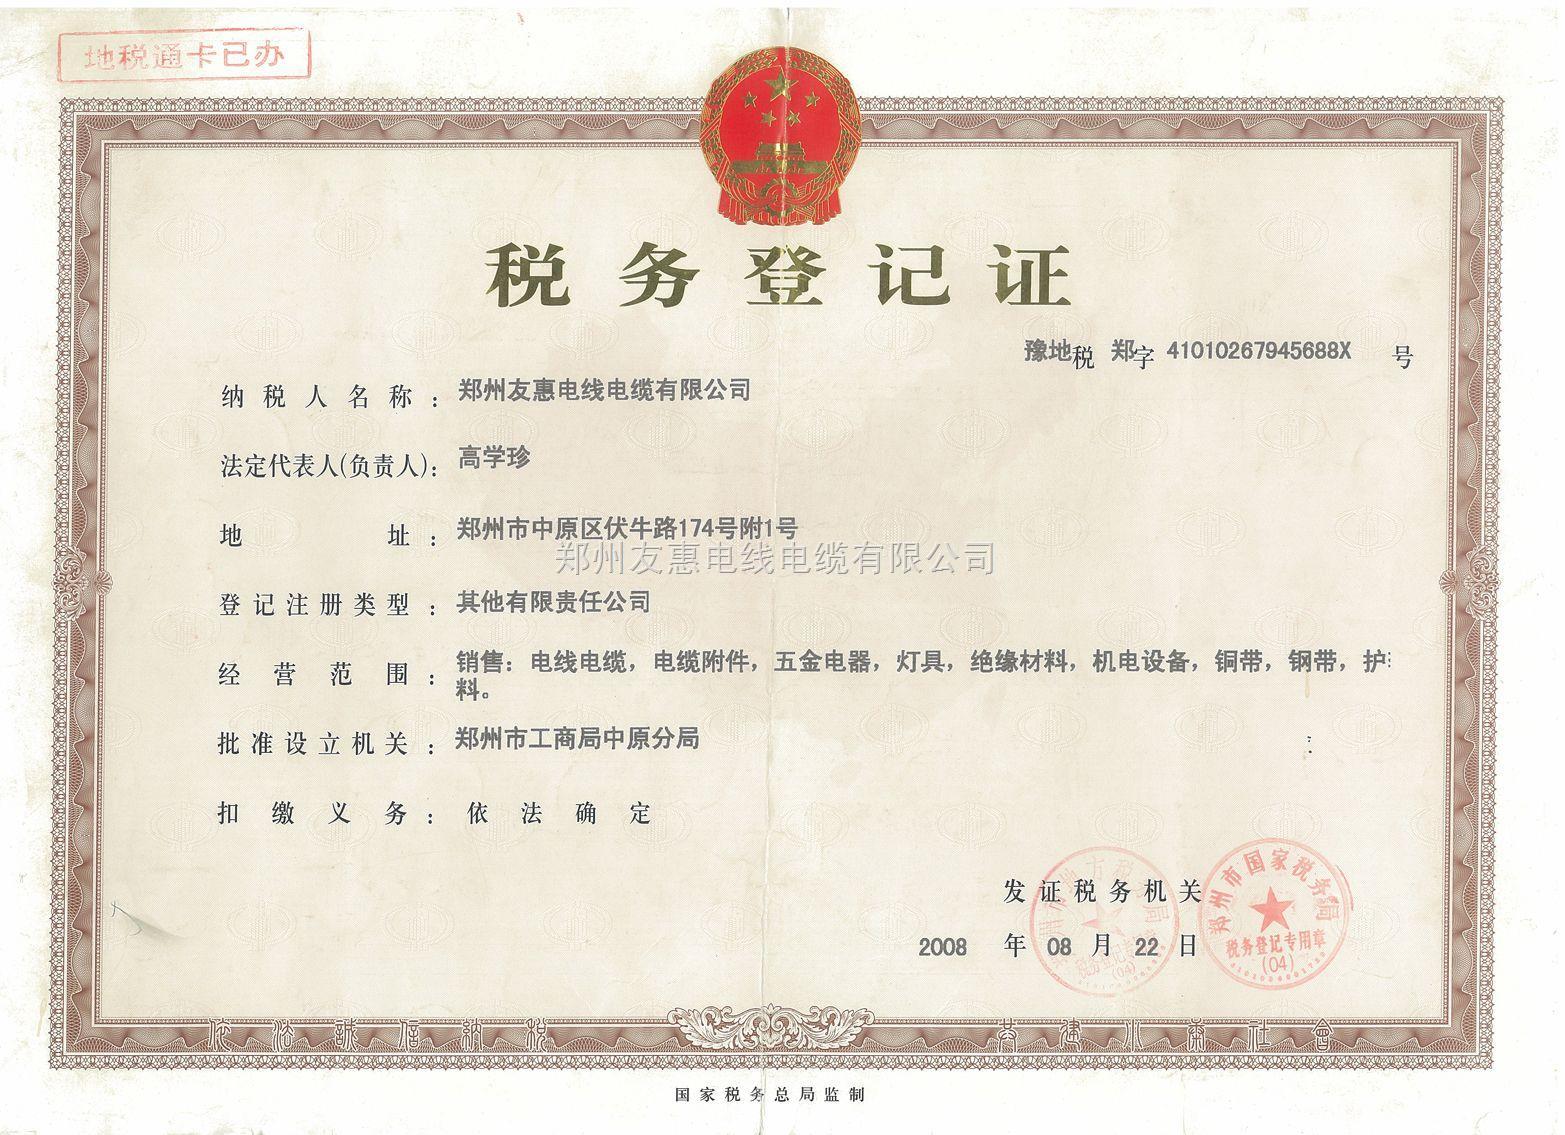 税务证-荣誉证书-郑州友惠电线电缆有限公司